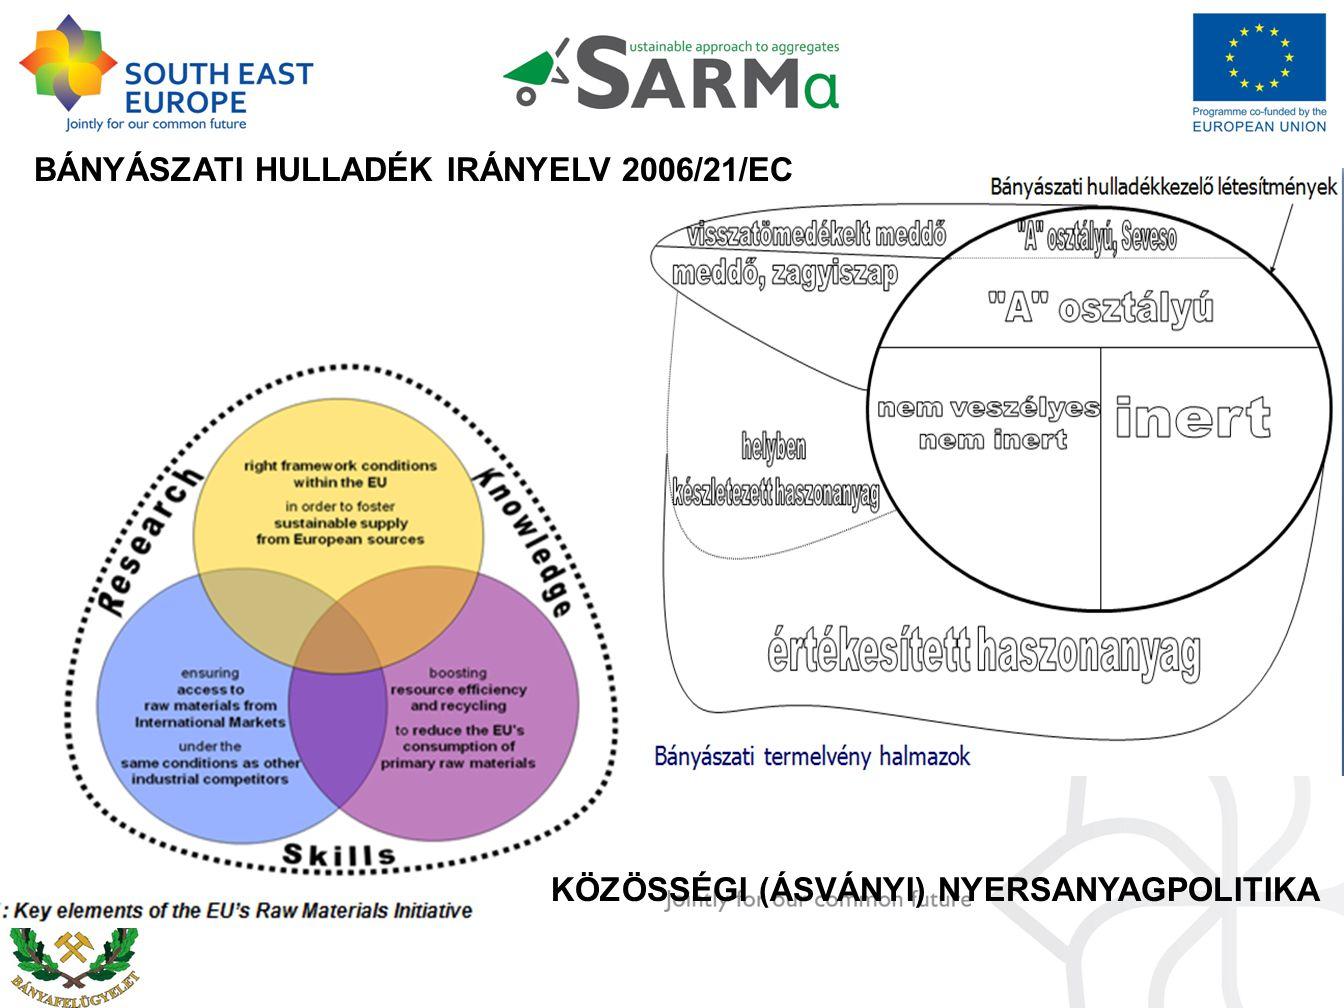 BÁNYÁSZATI HULLADÉK IRÁNYELV 2006/21/EC KÖZÖSSÉGI (ÁSVÁNYI) NYERSANYAGPOLITIKA